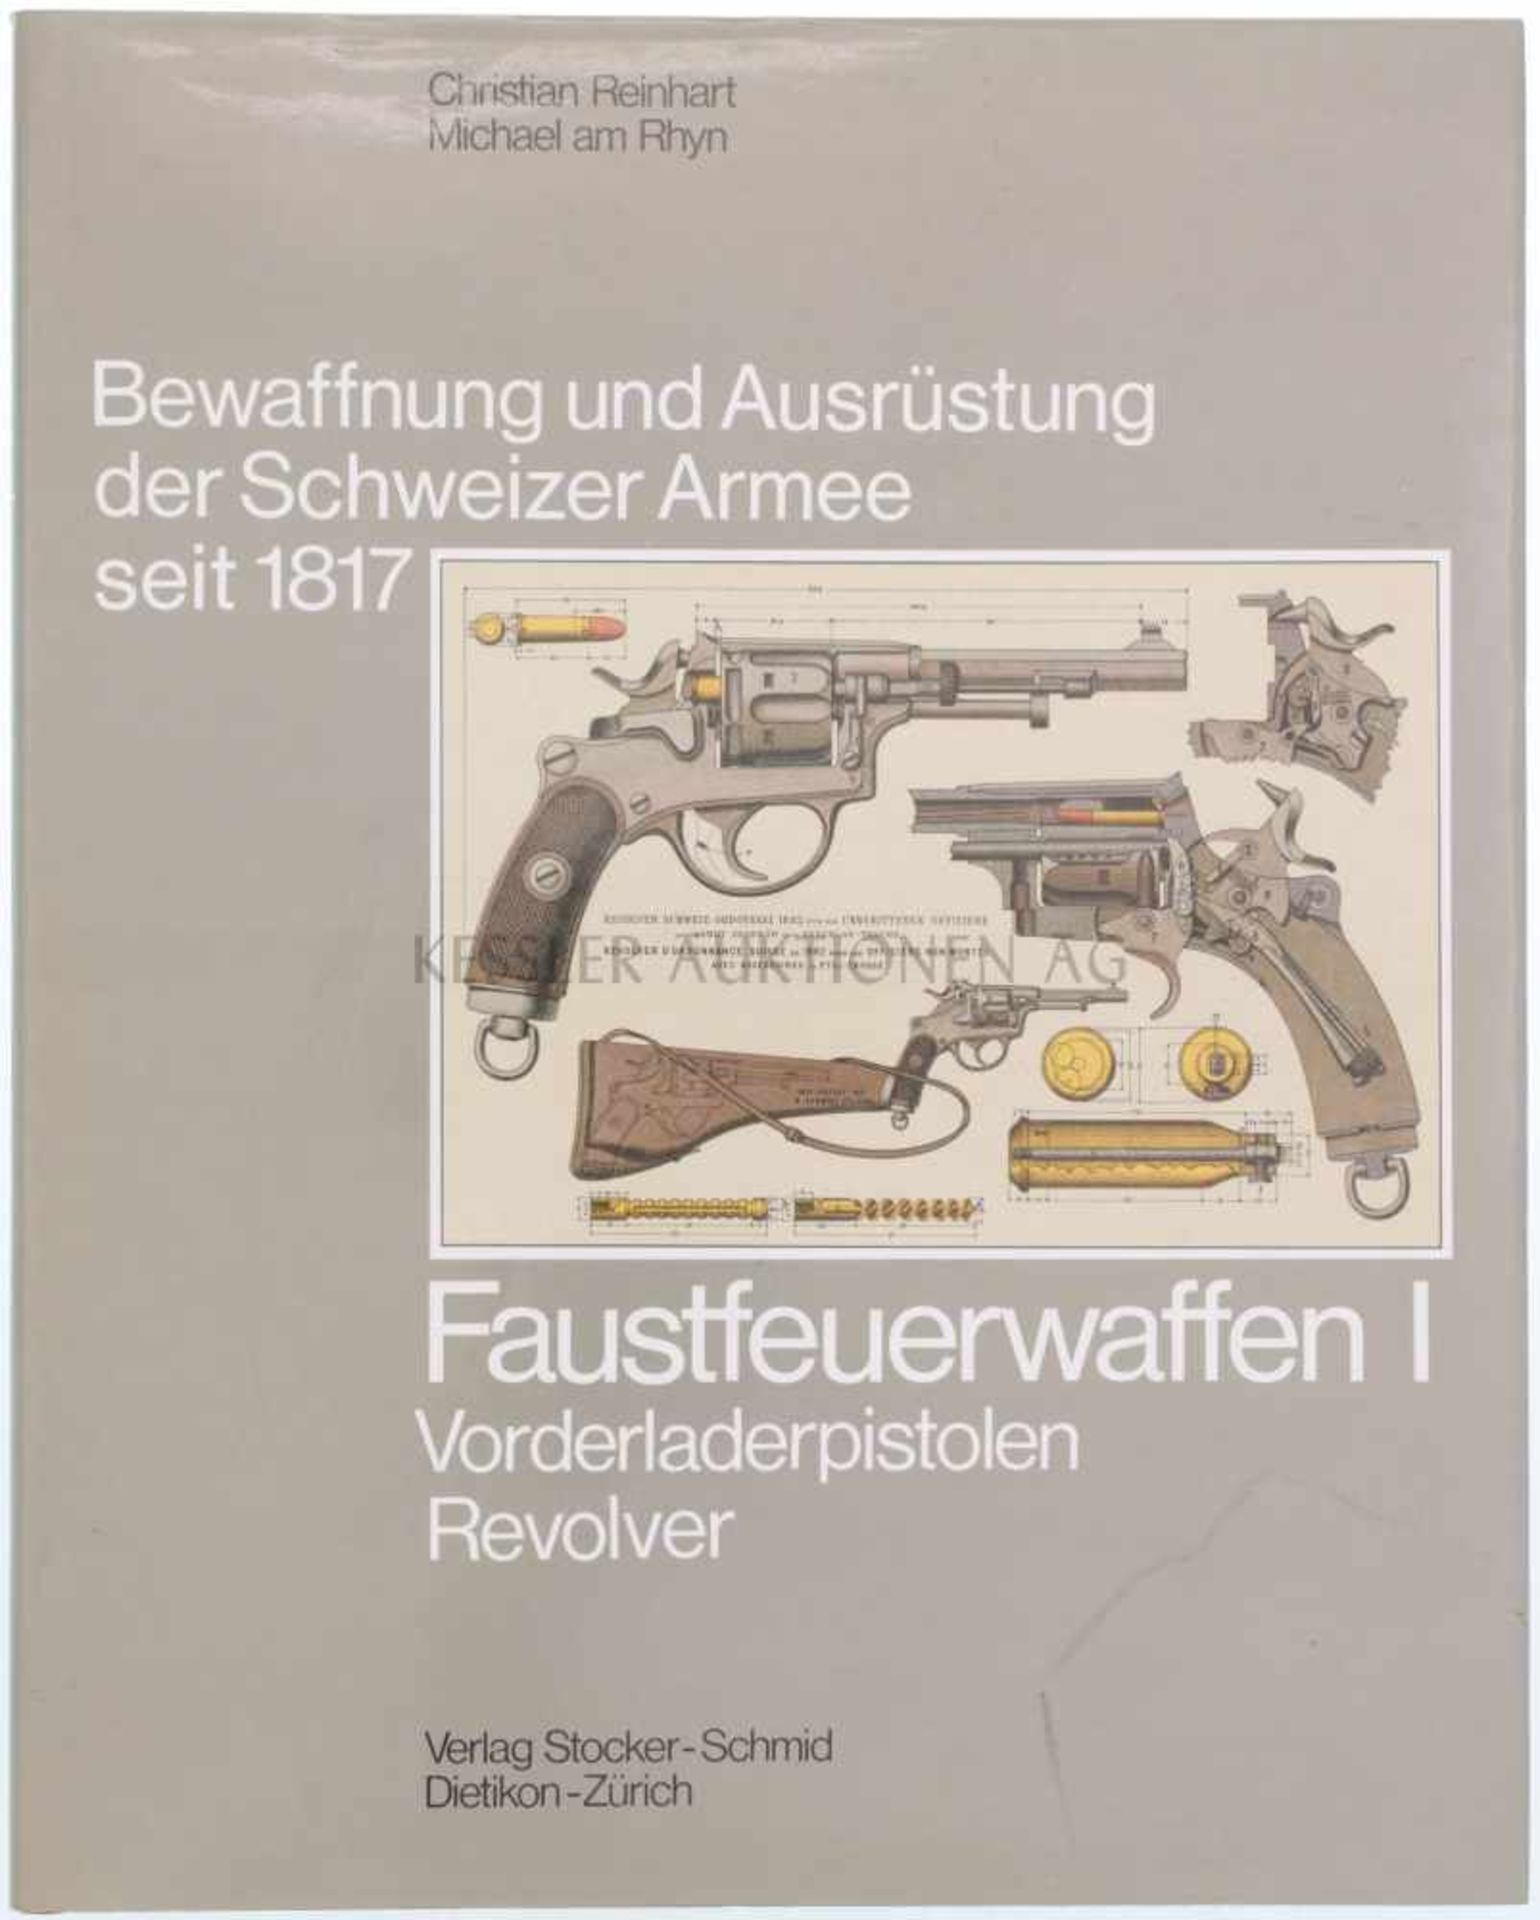 """Faustfeuerwaffen I, Band 5 aus der Reihe """"Bewaffnung und Ausrüstung der Schweizer Armee seit 1817"""""""